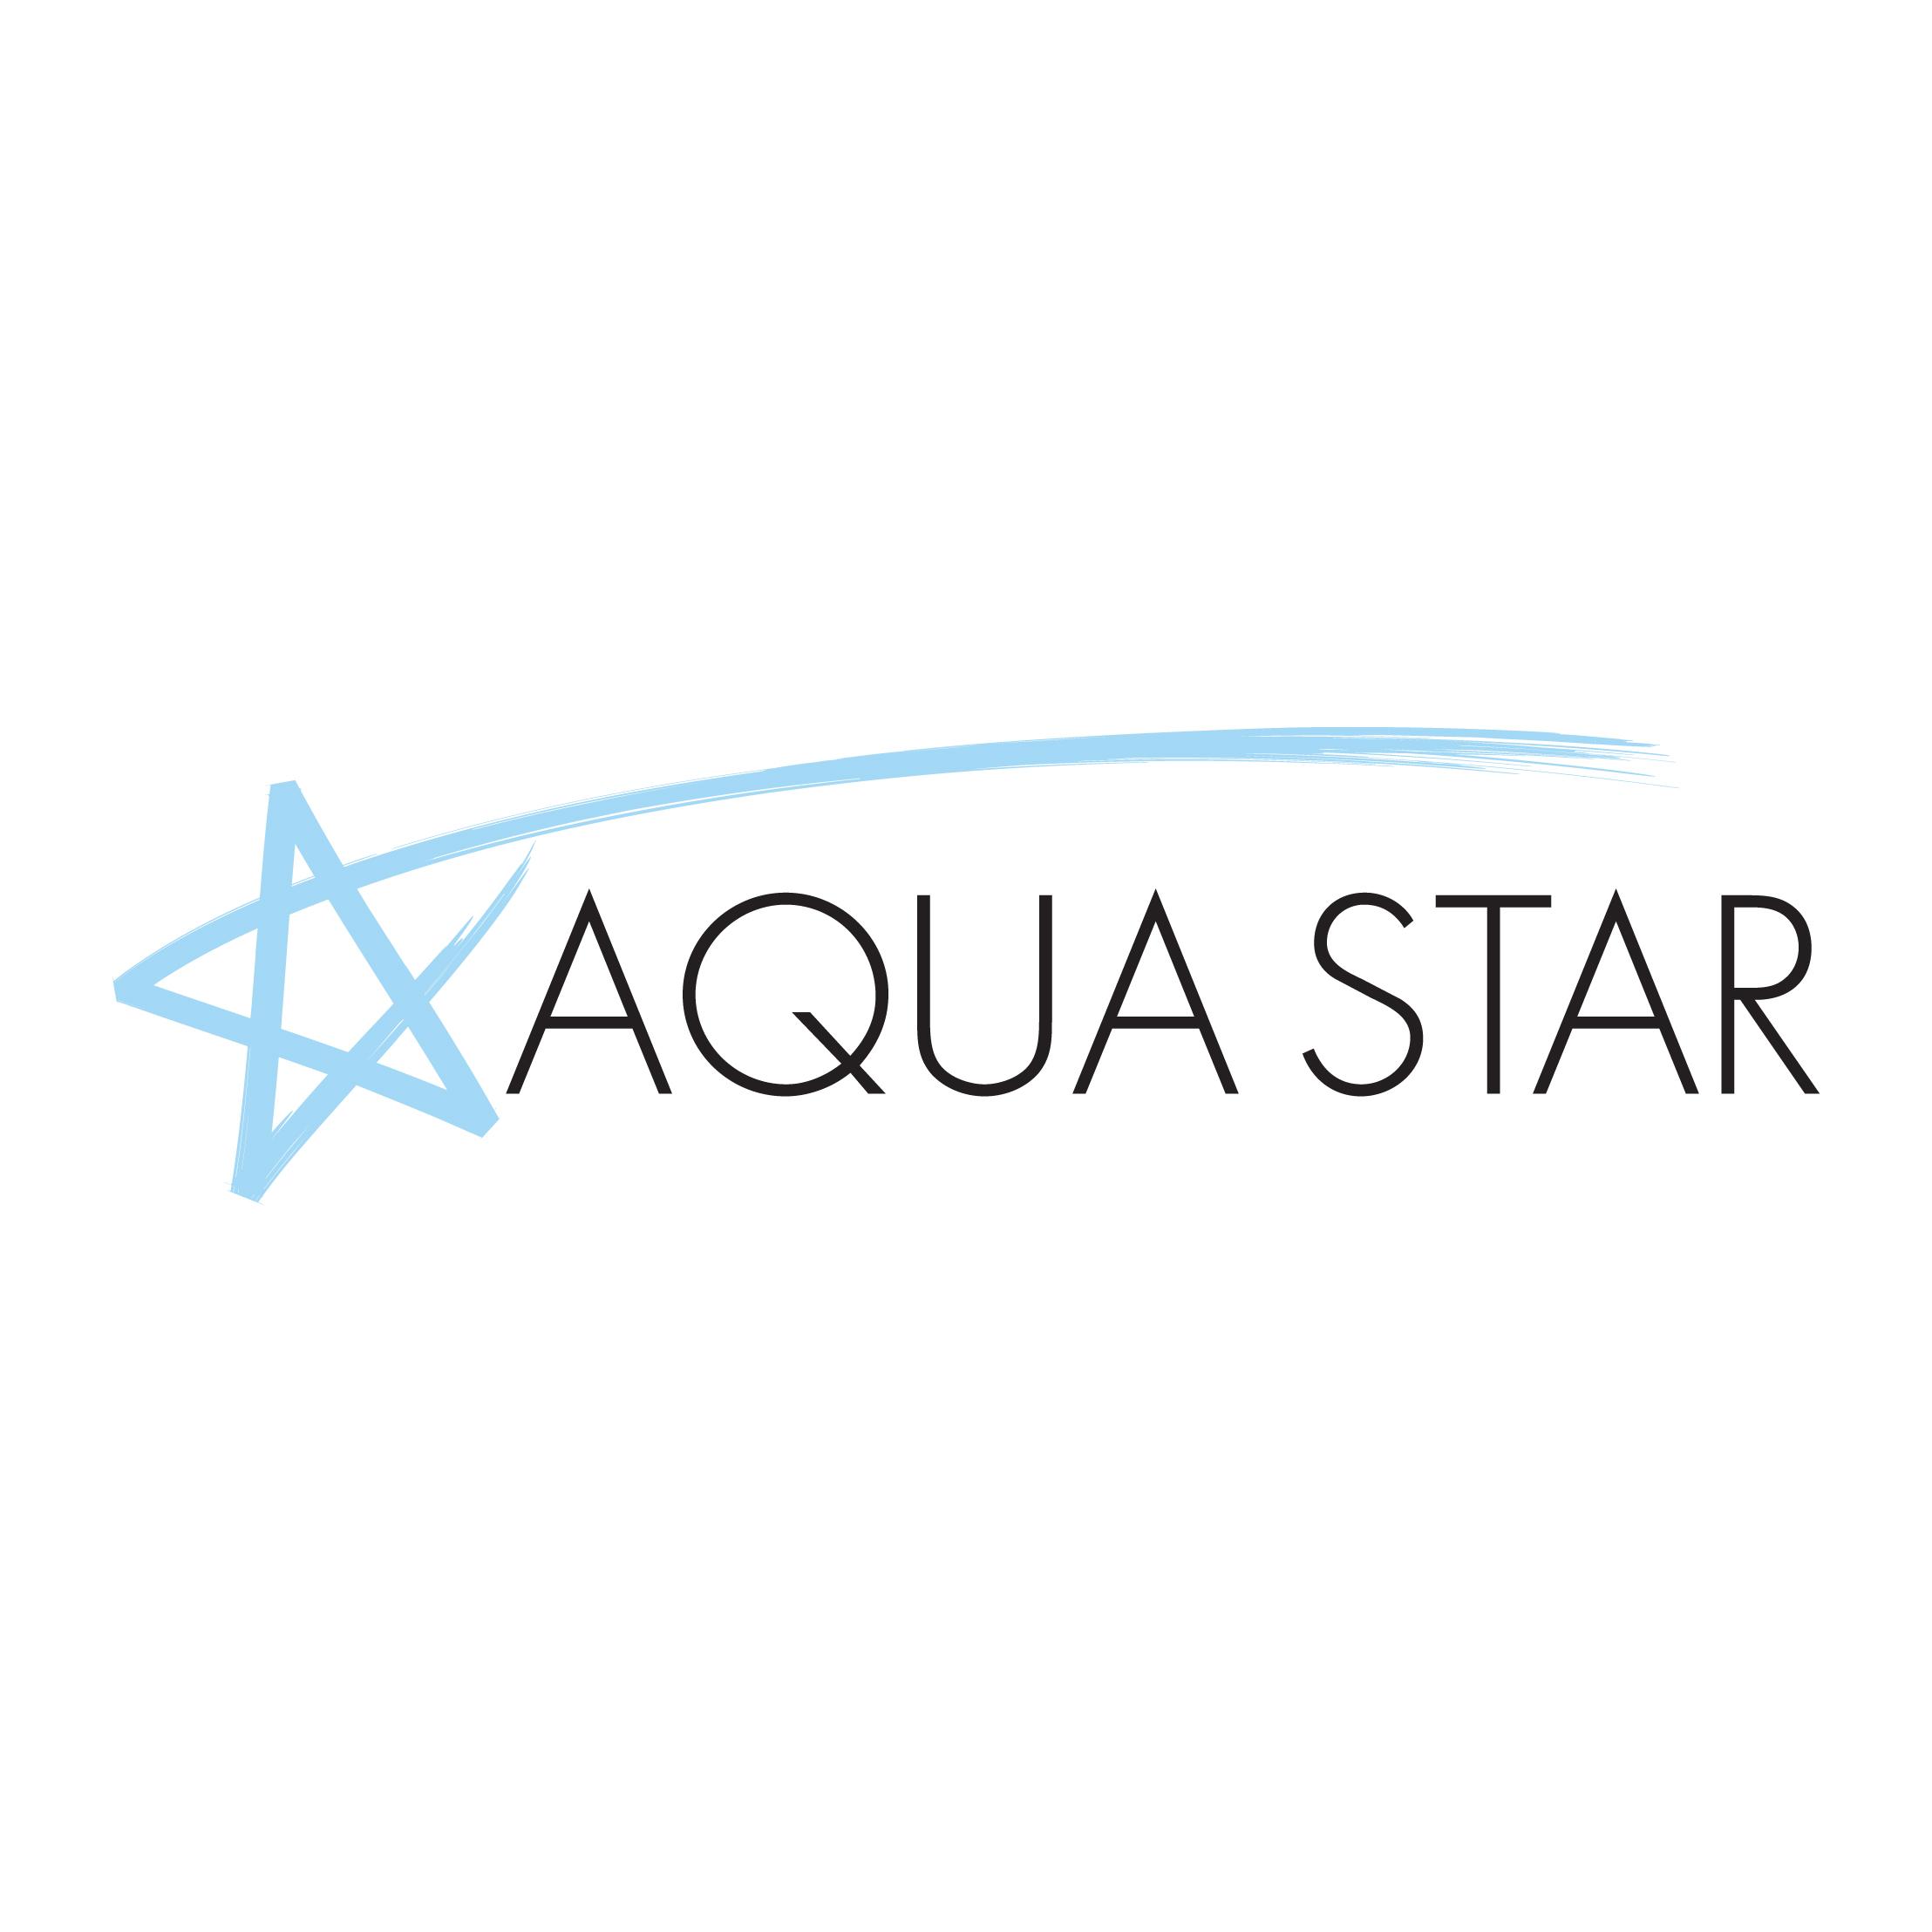 AquaStar FinalLogo.jpg